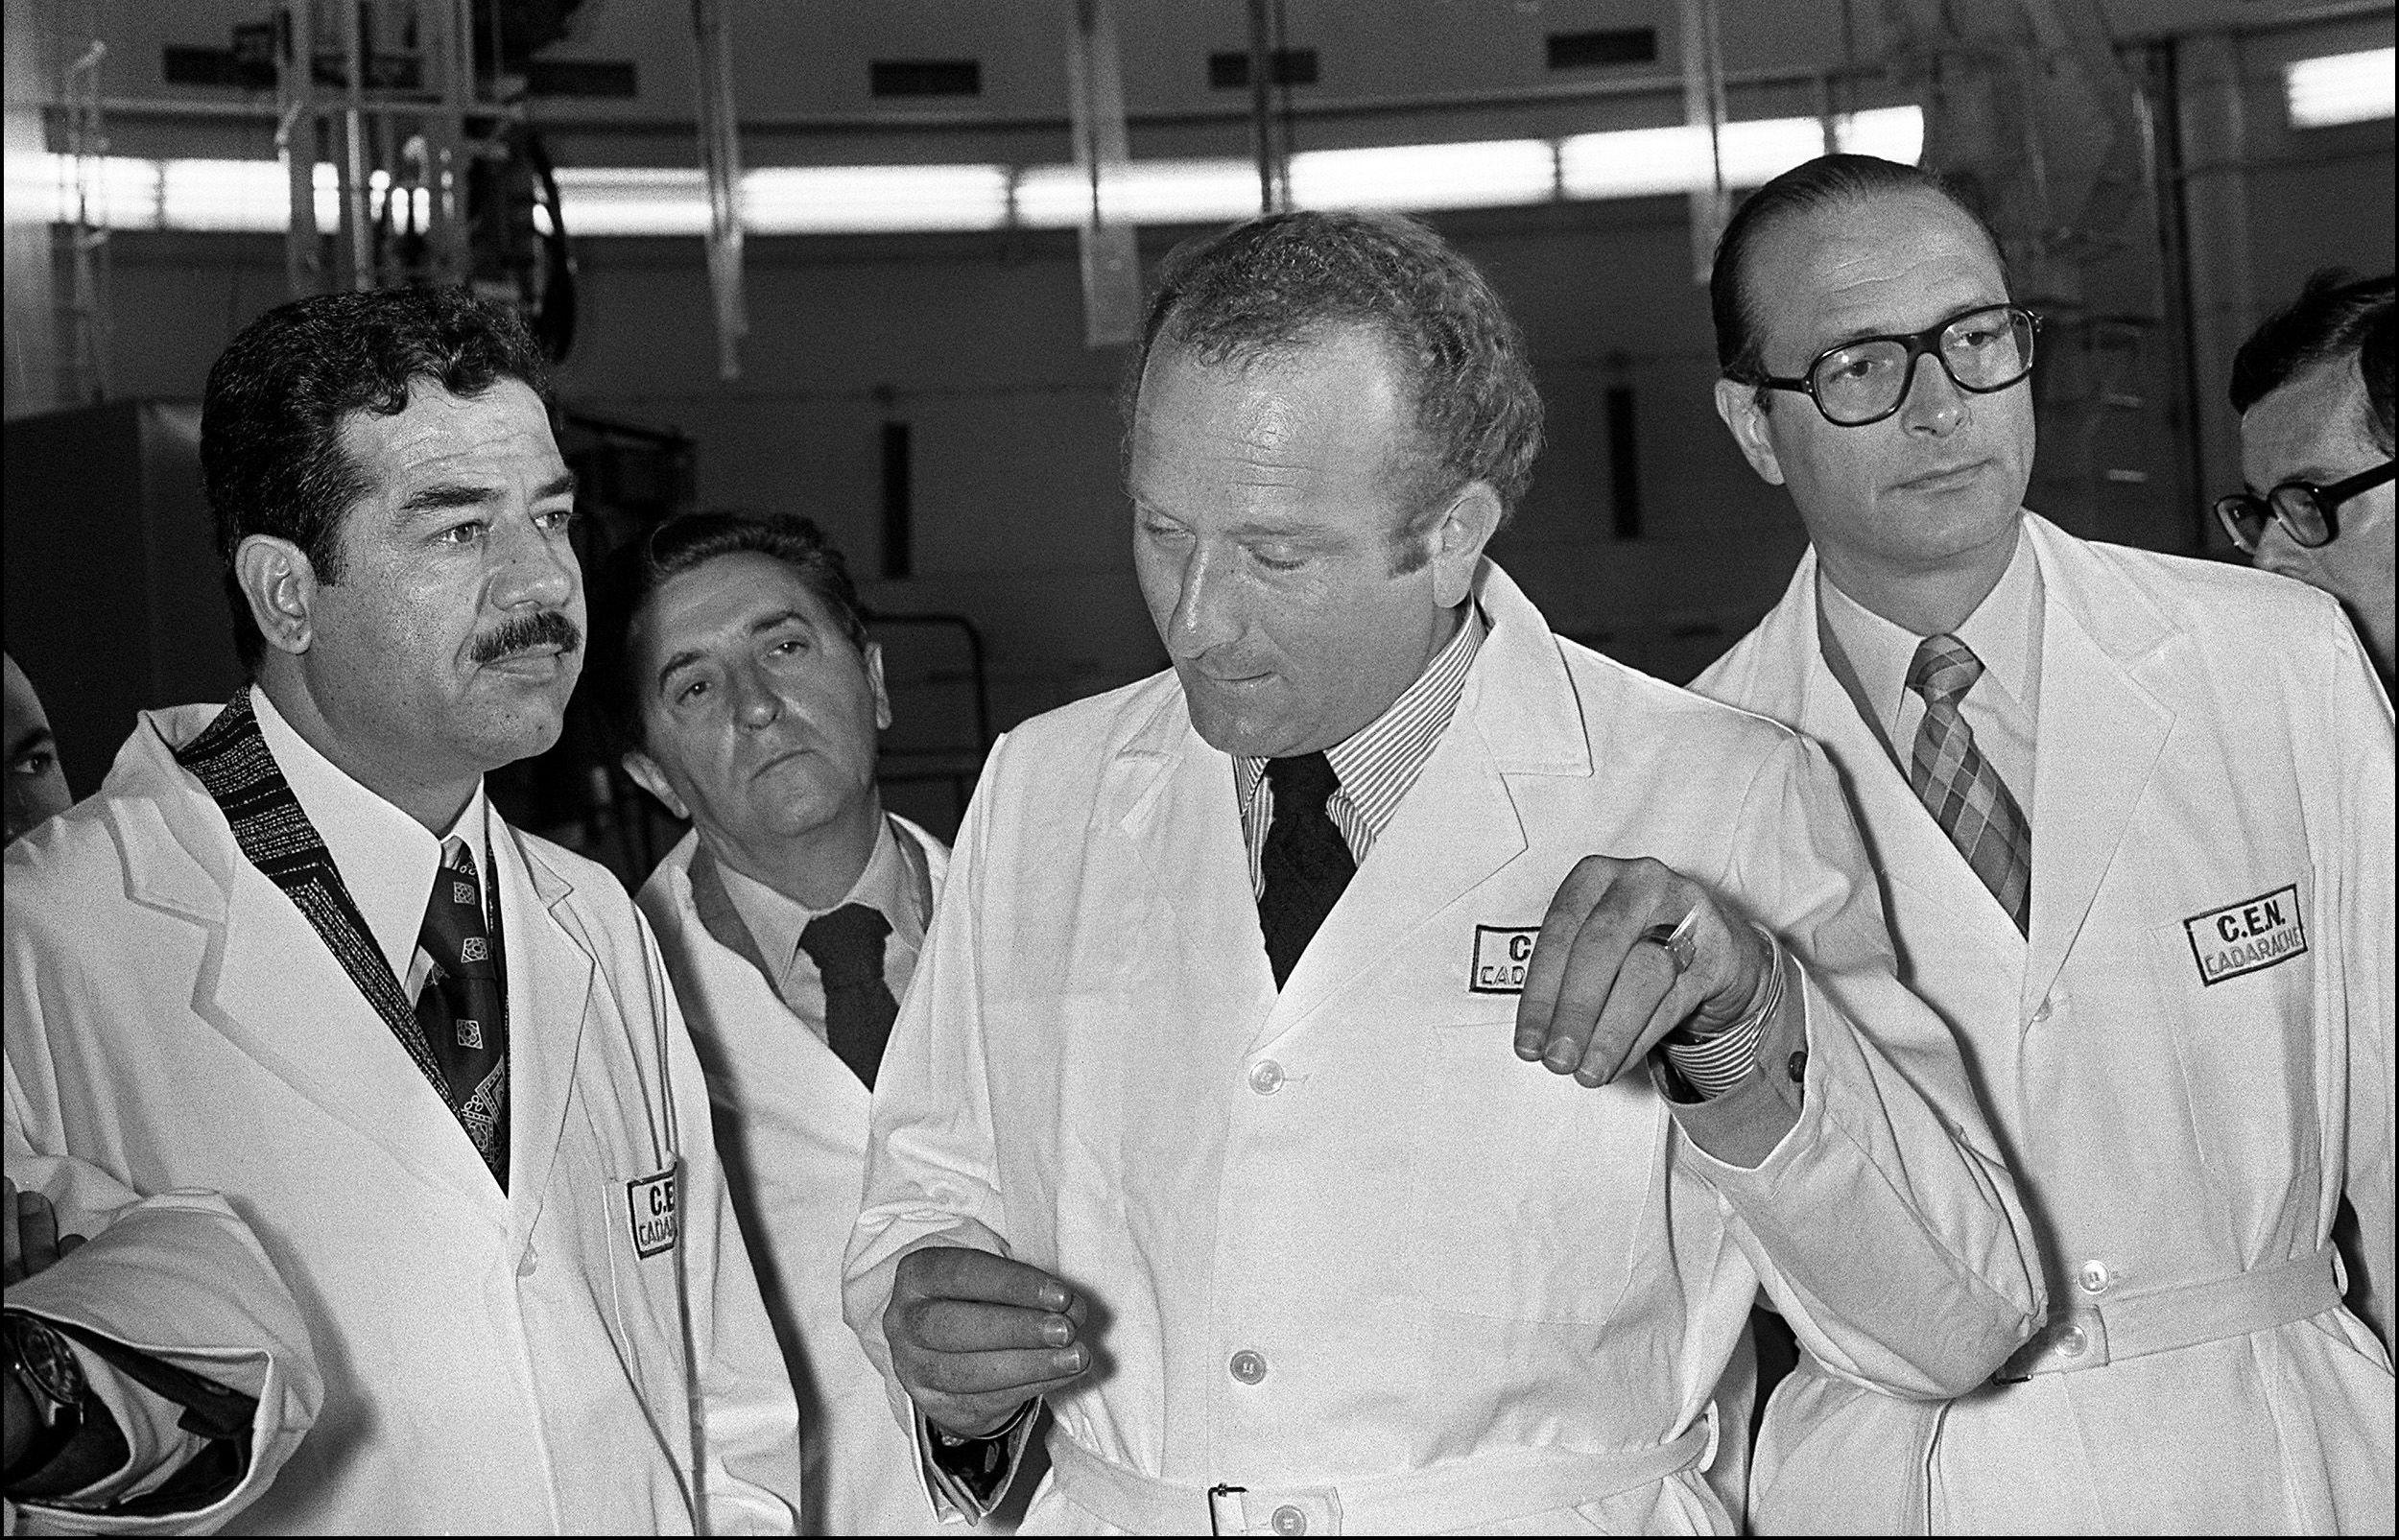 Jacques Chirac e Saddam Hussein em centro nuclear de Cadarache, na França em 1975